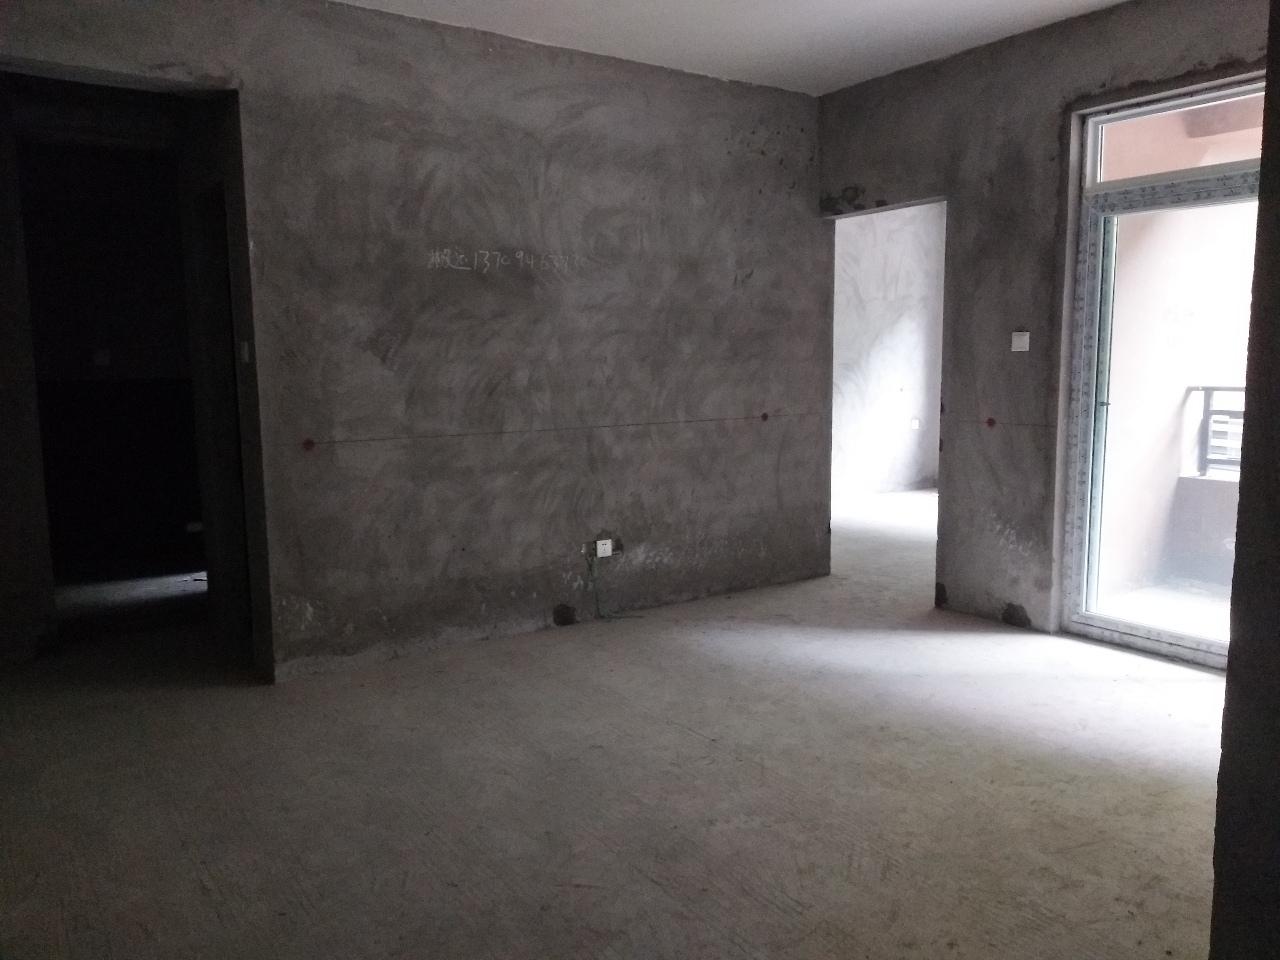 锦江竹苑2室2厅1卫52万元